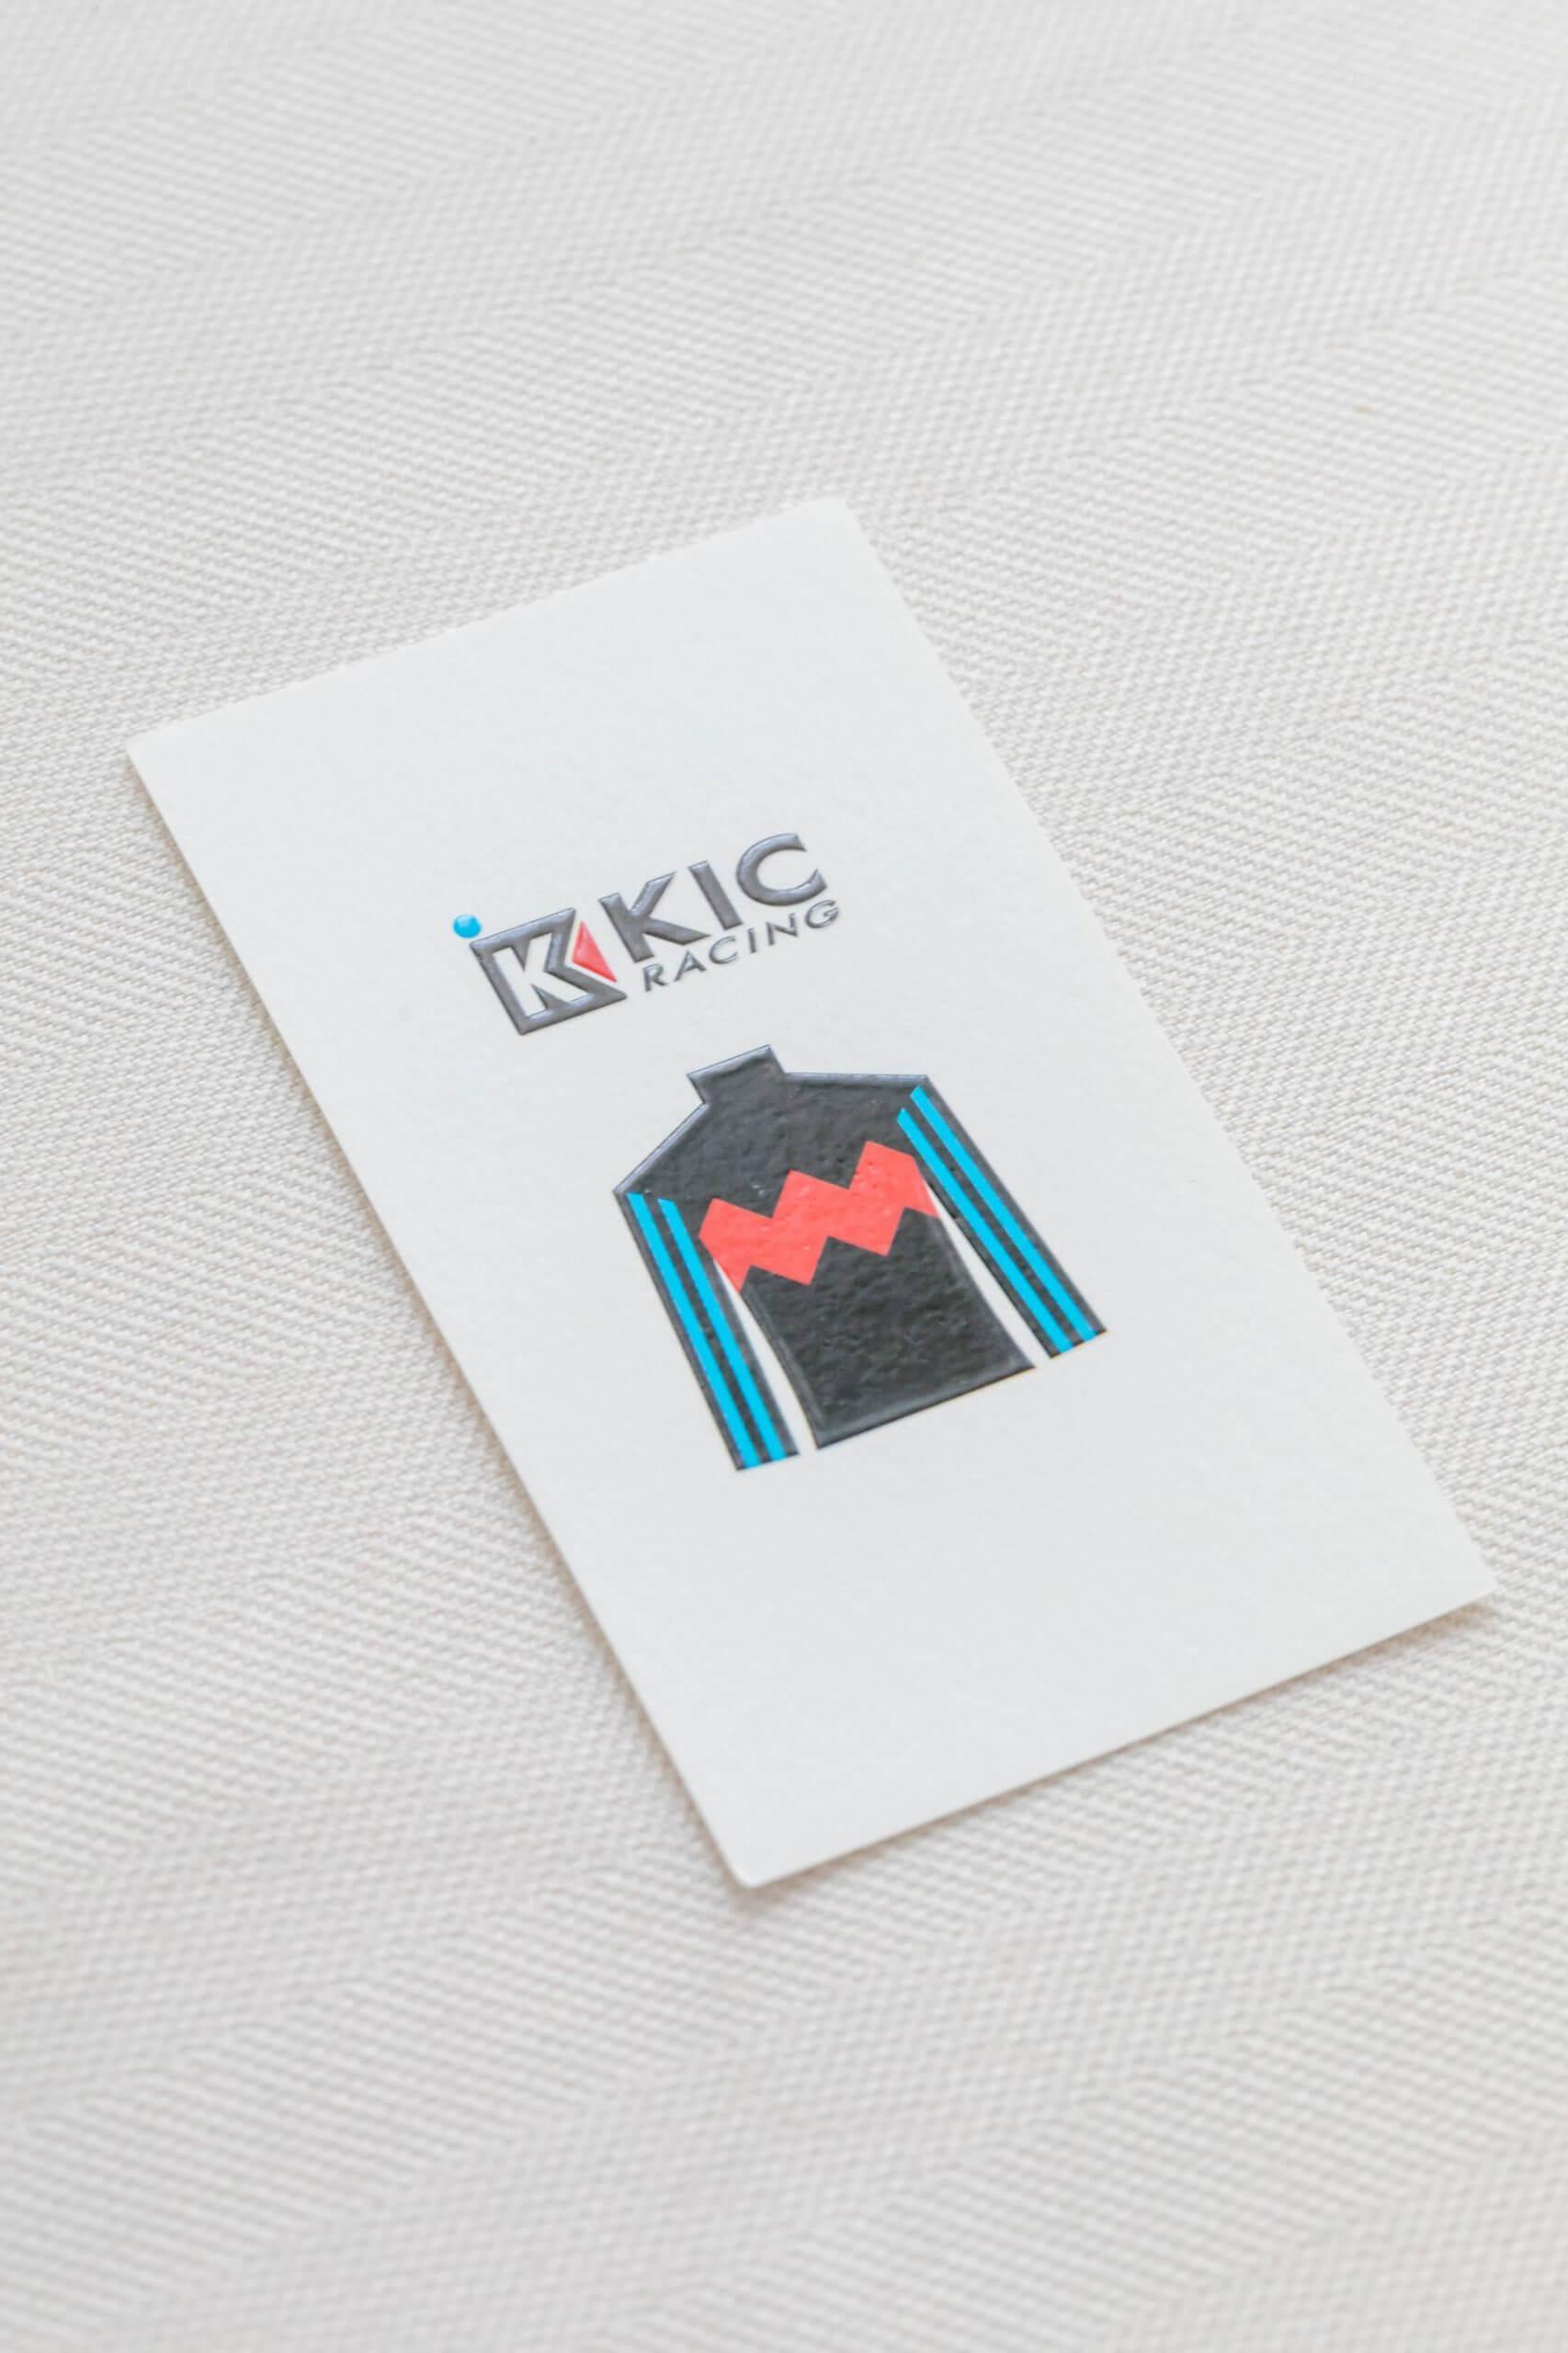 KIC Racing 名刺